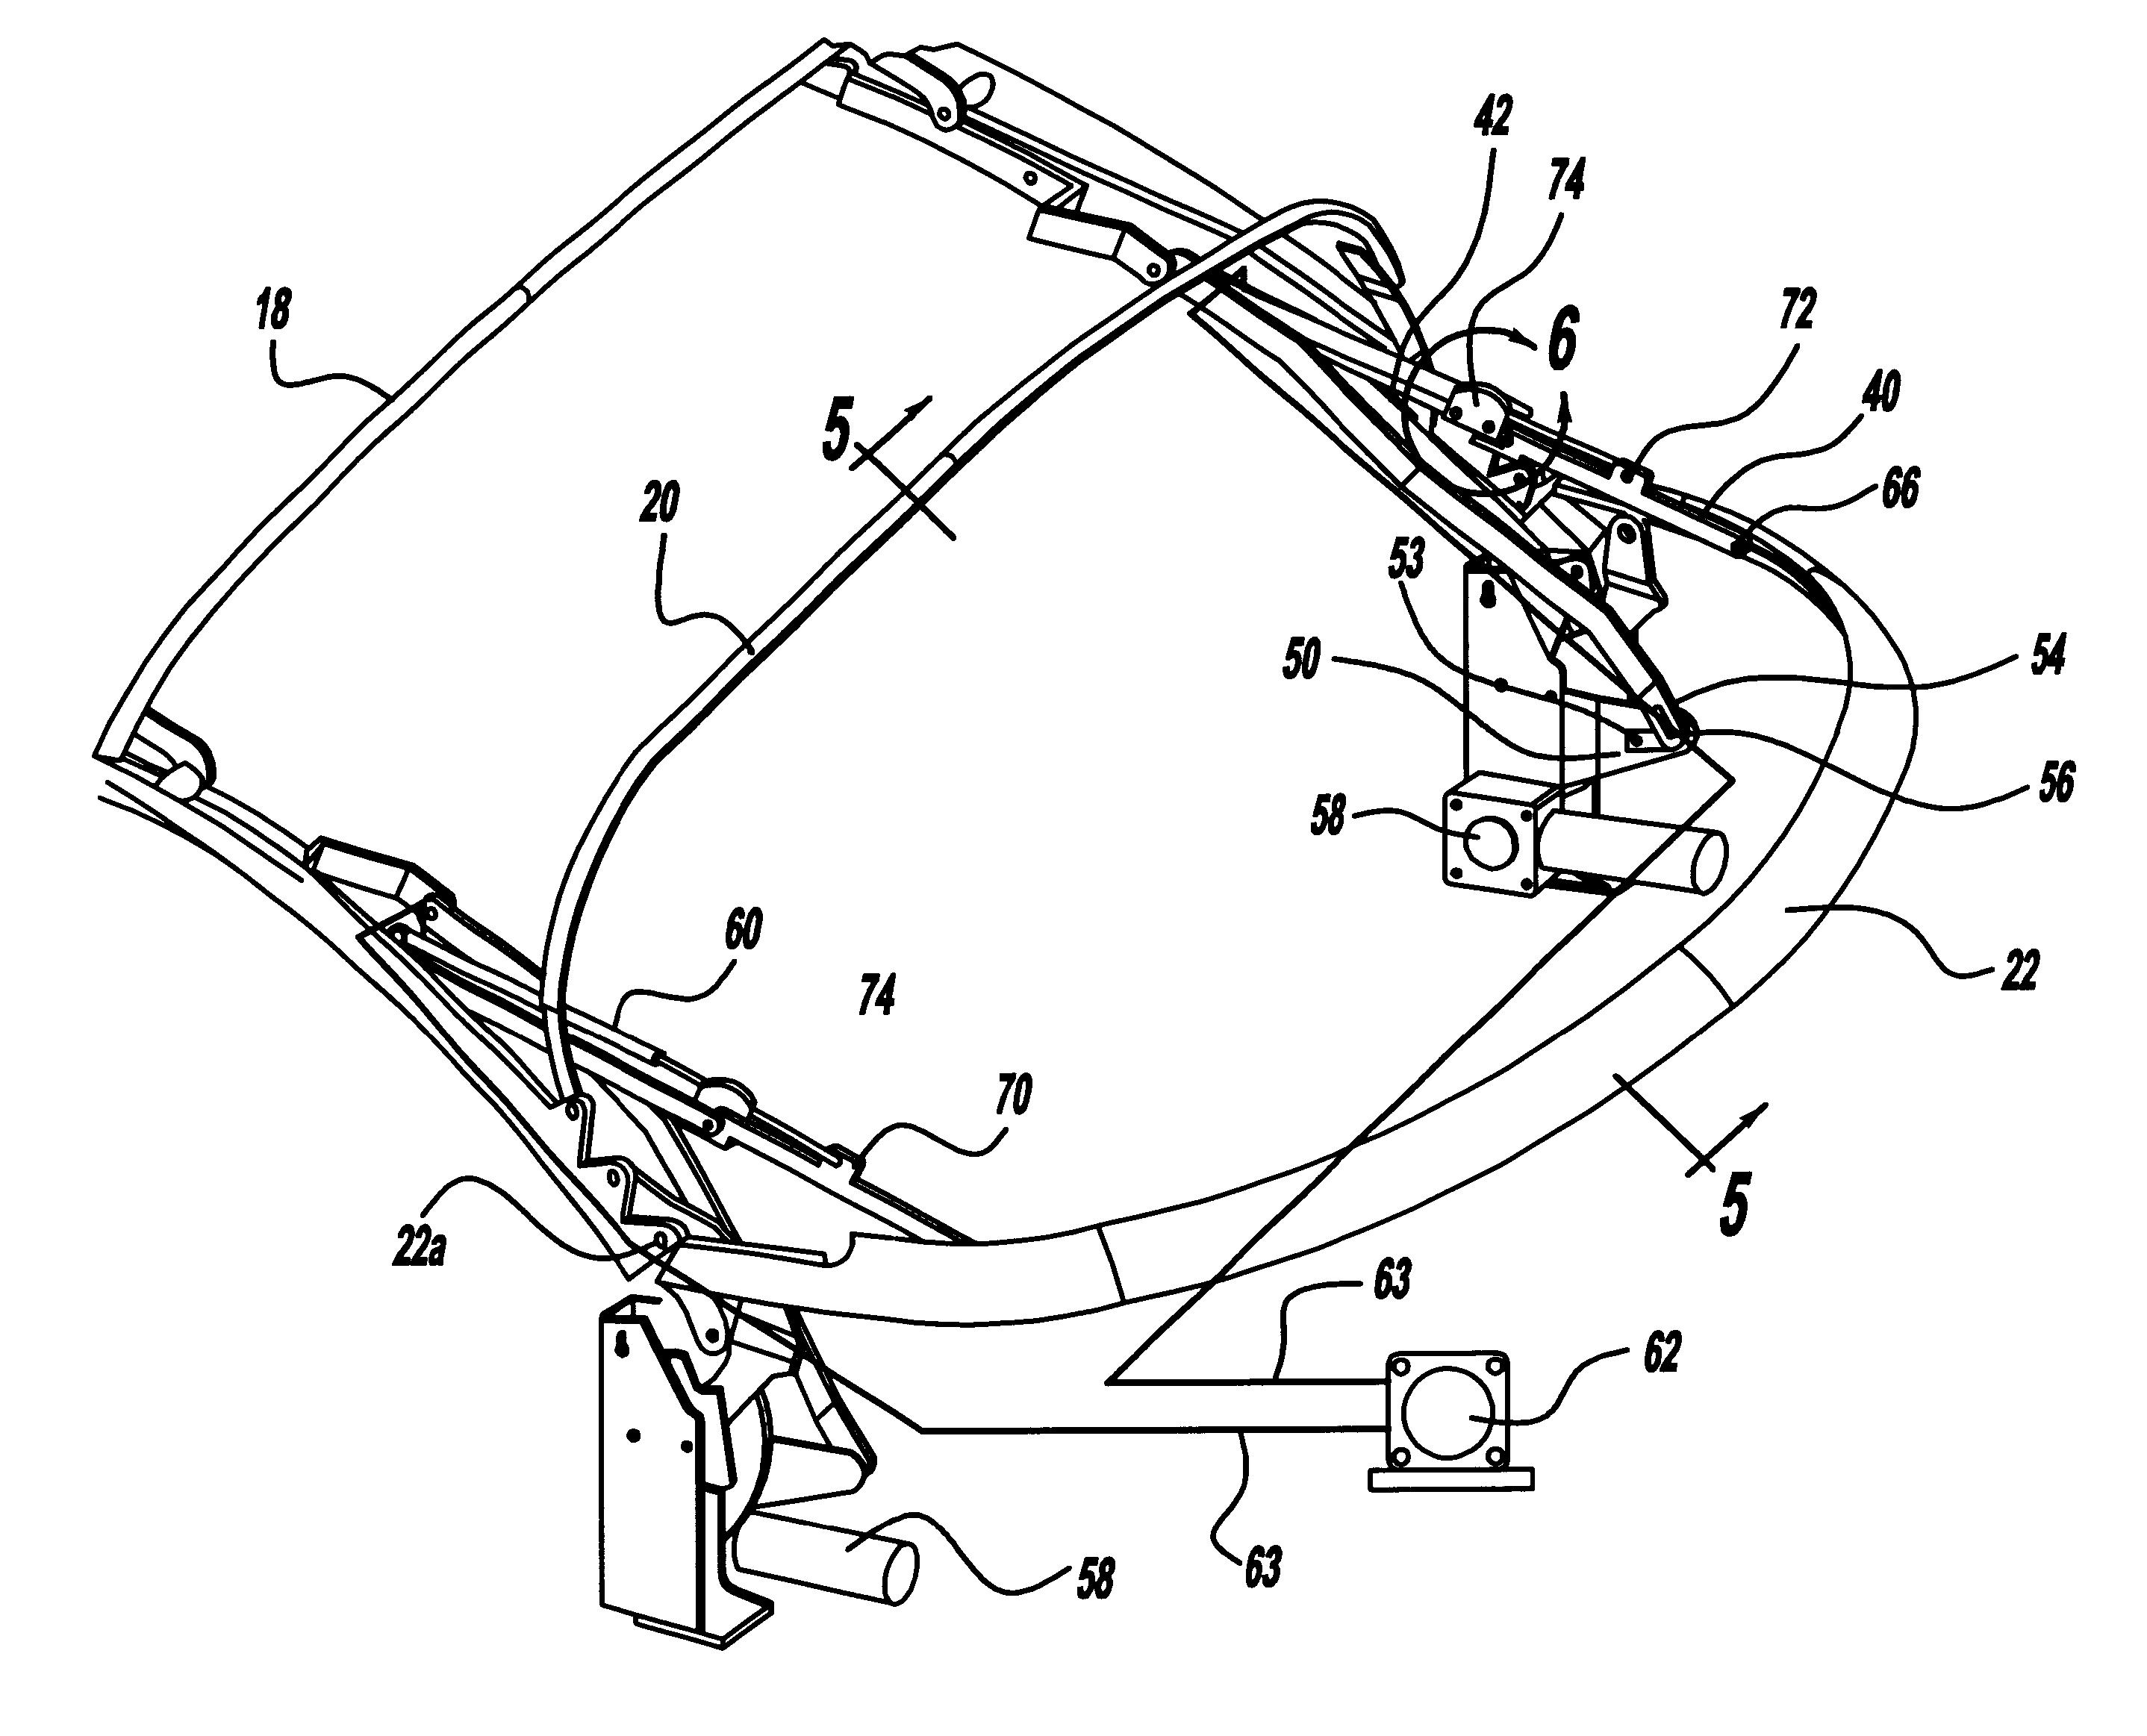 patent us6629719